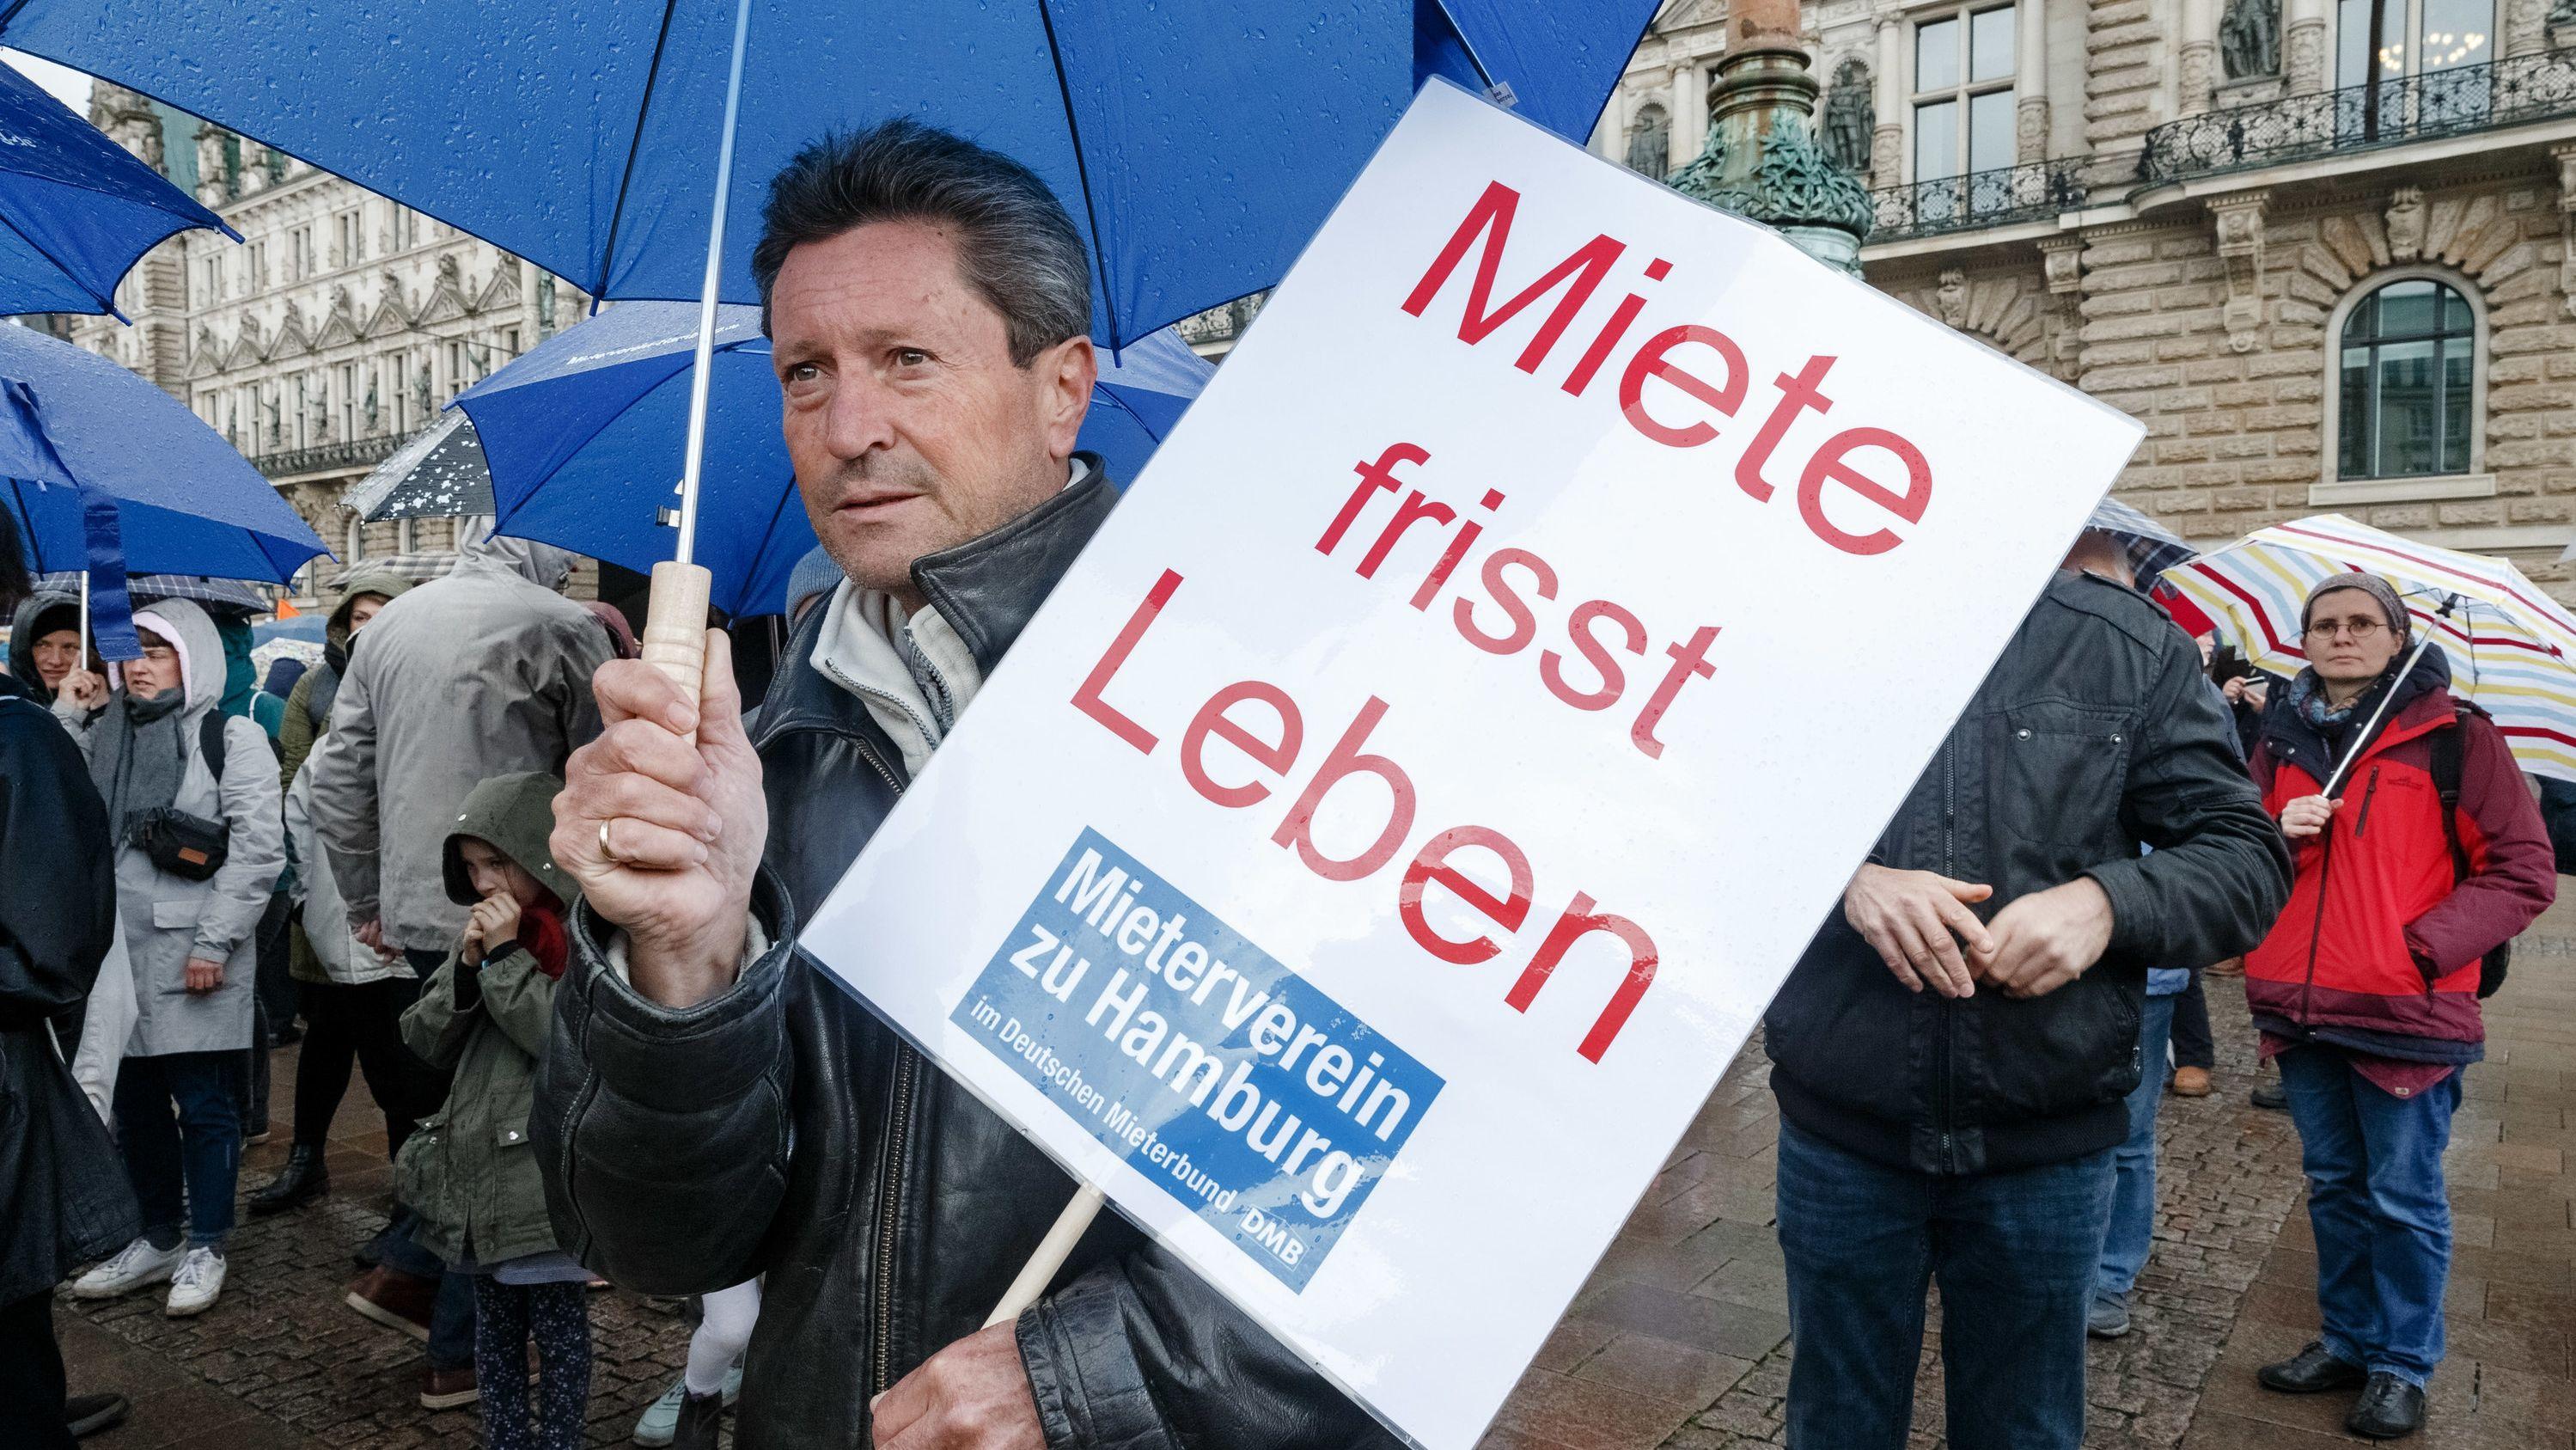 """Bei einer Demonstration gegen die hohen Mietpreise hält ein Mann ein Plakat mit der Aufschrift: """"Miete frisst Leben""""."""